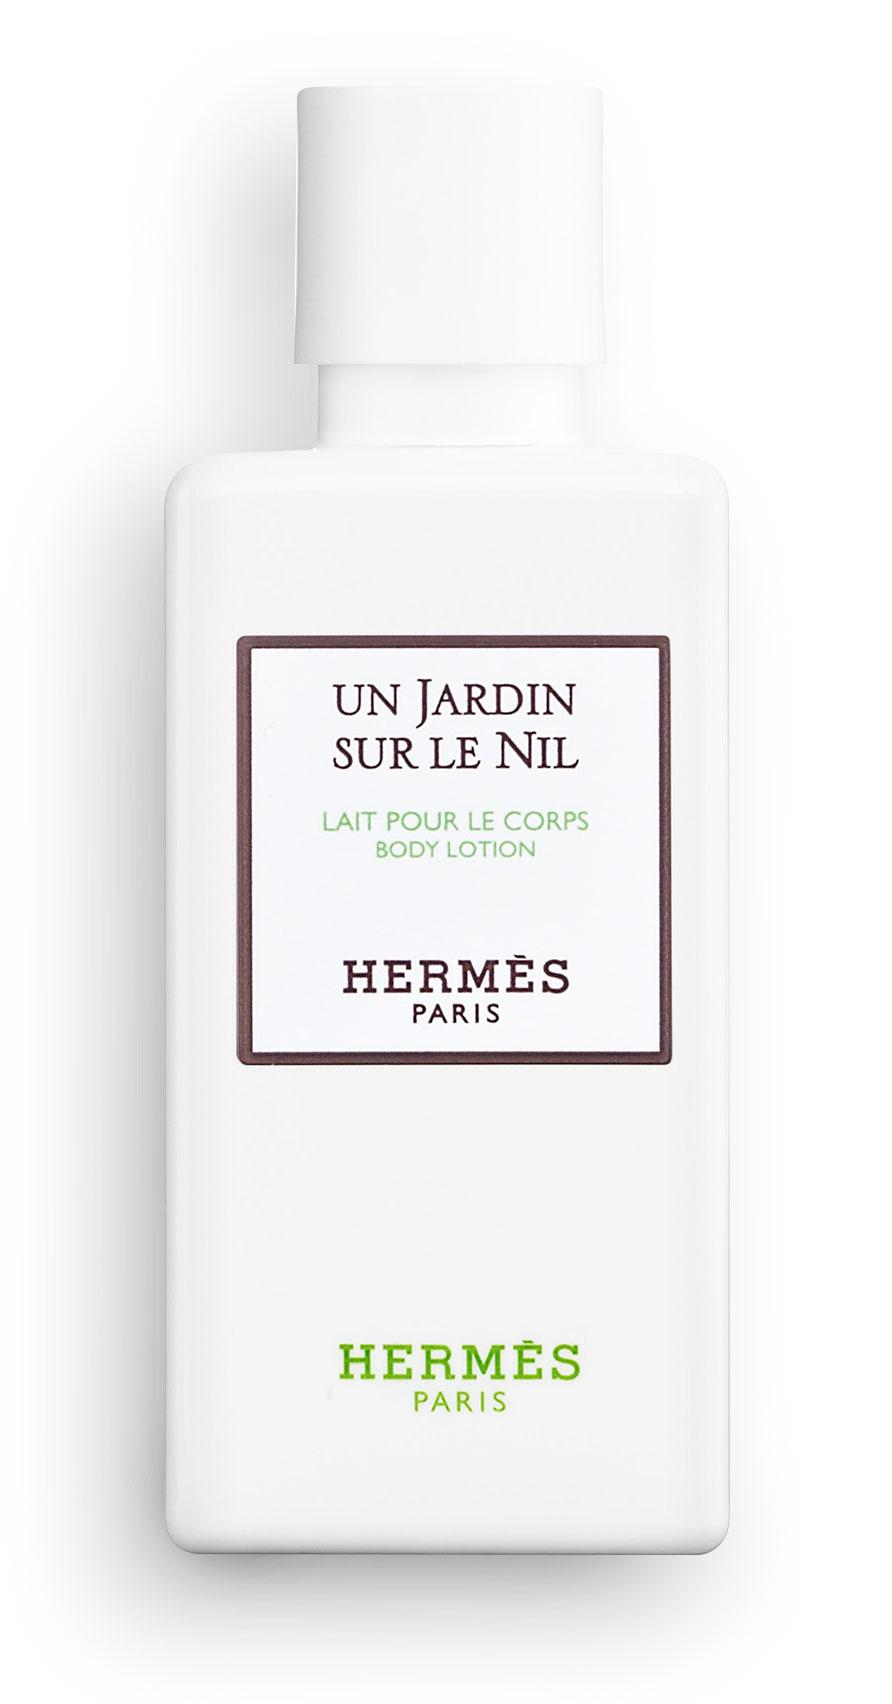 Hermès - Un Jardin sur le Nil - Lait parfumé pour le corps 40 ml.